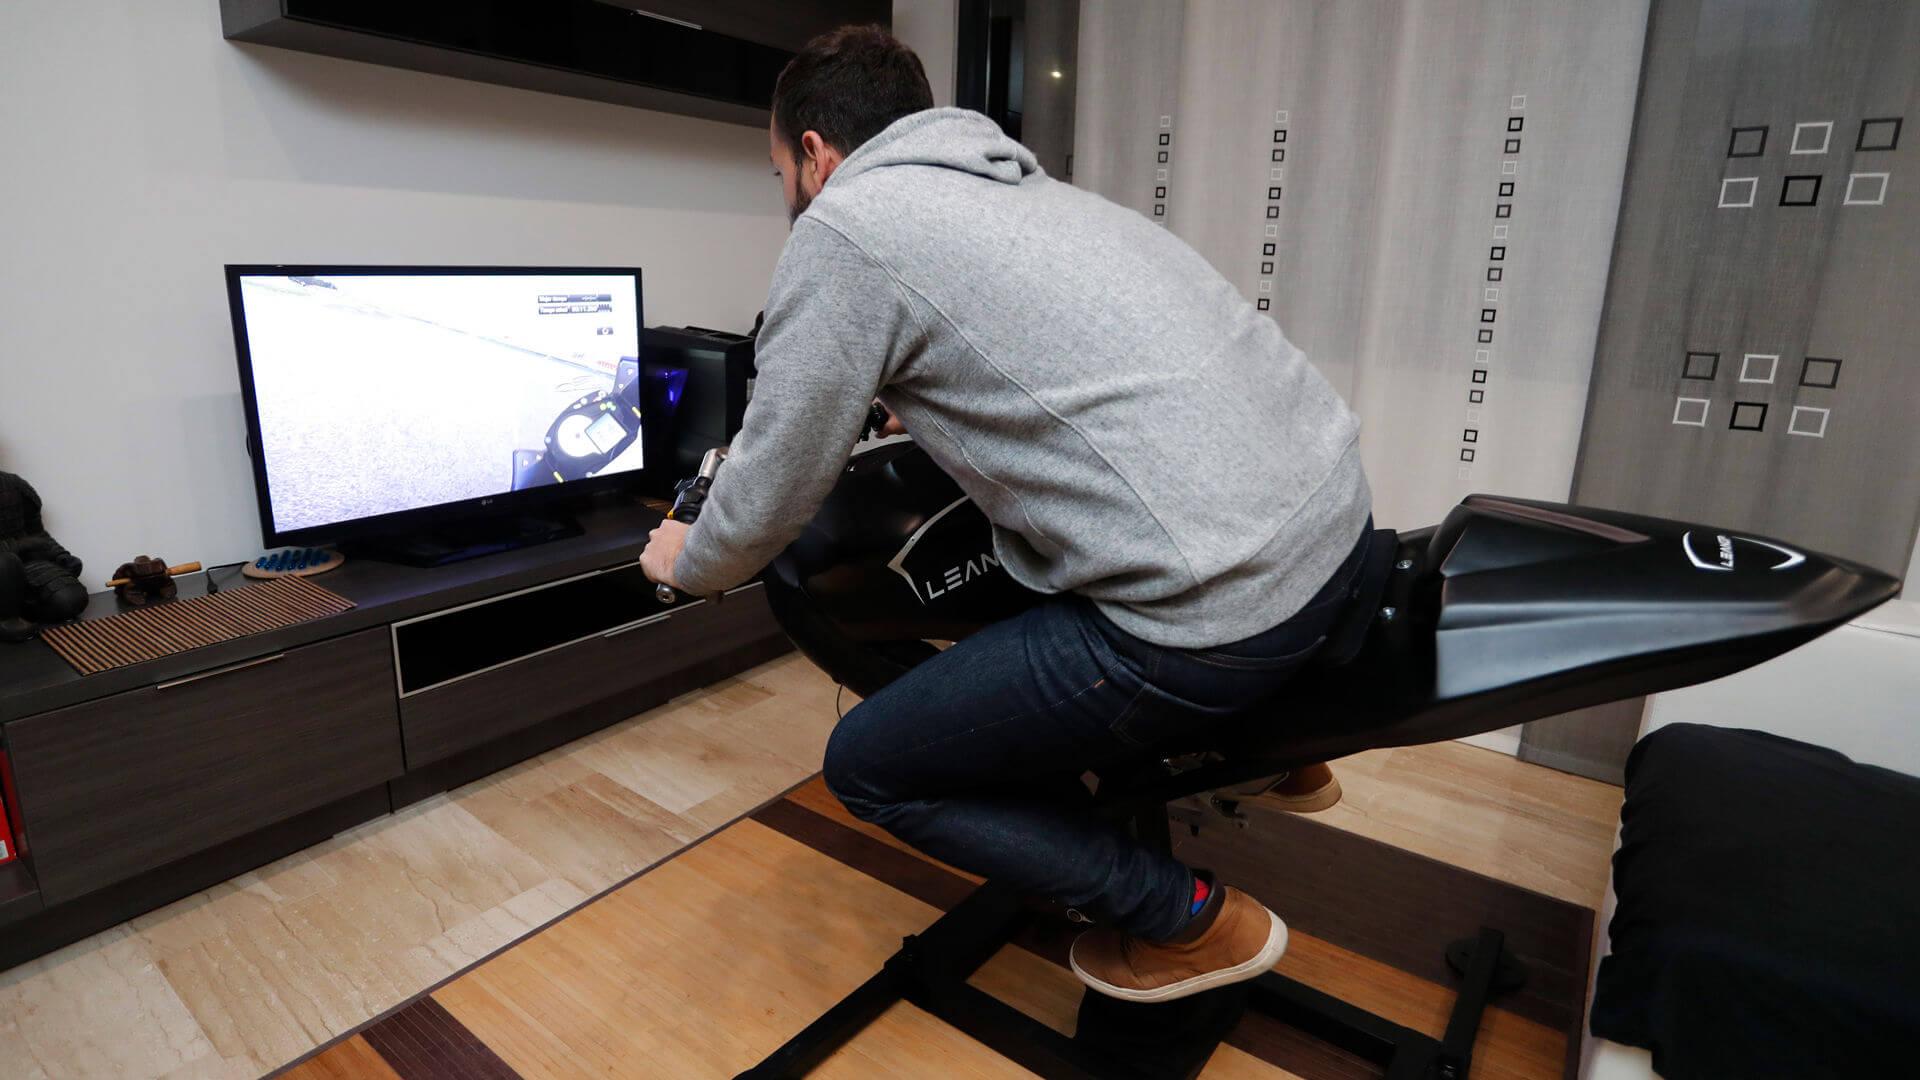 simulateur de moto xbox